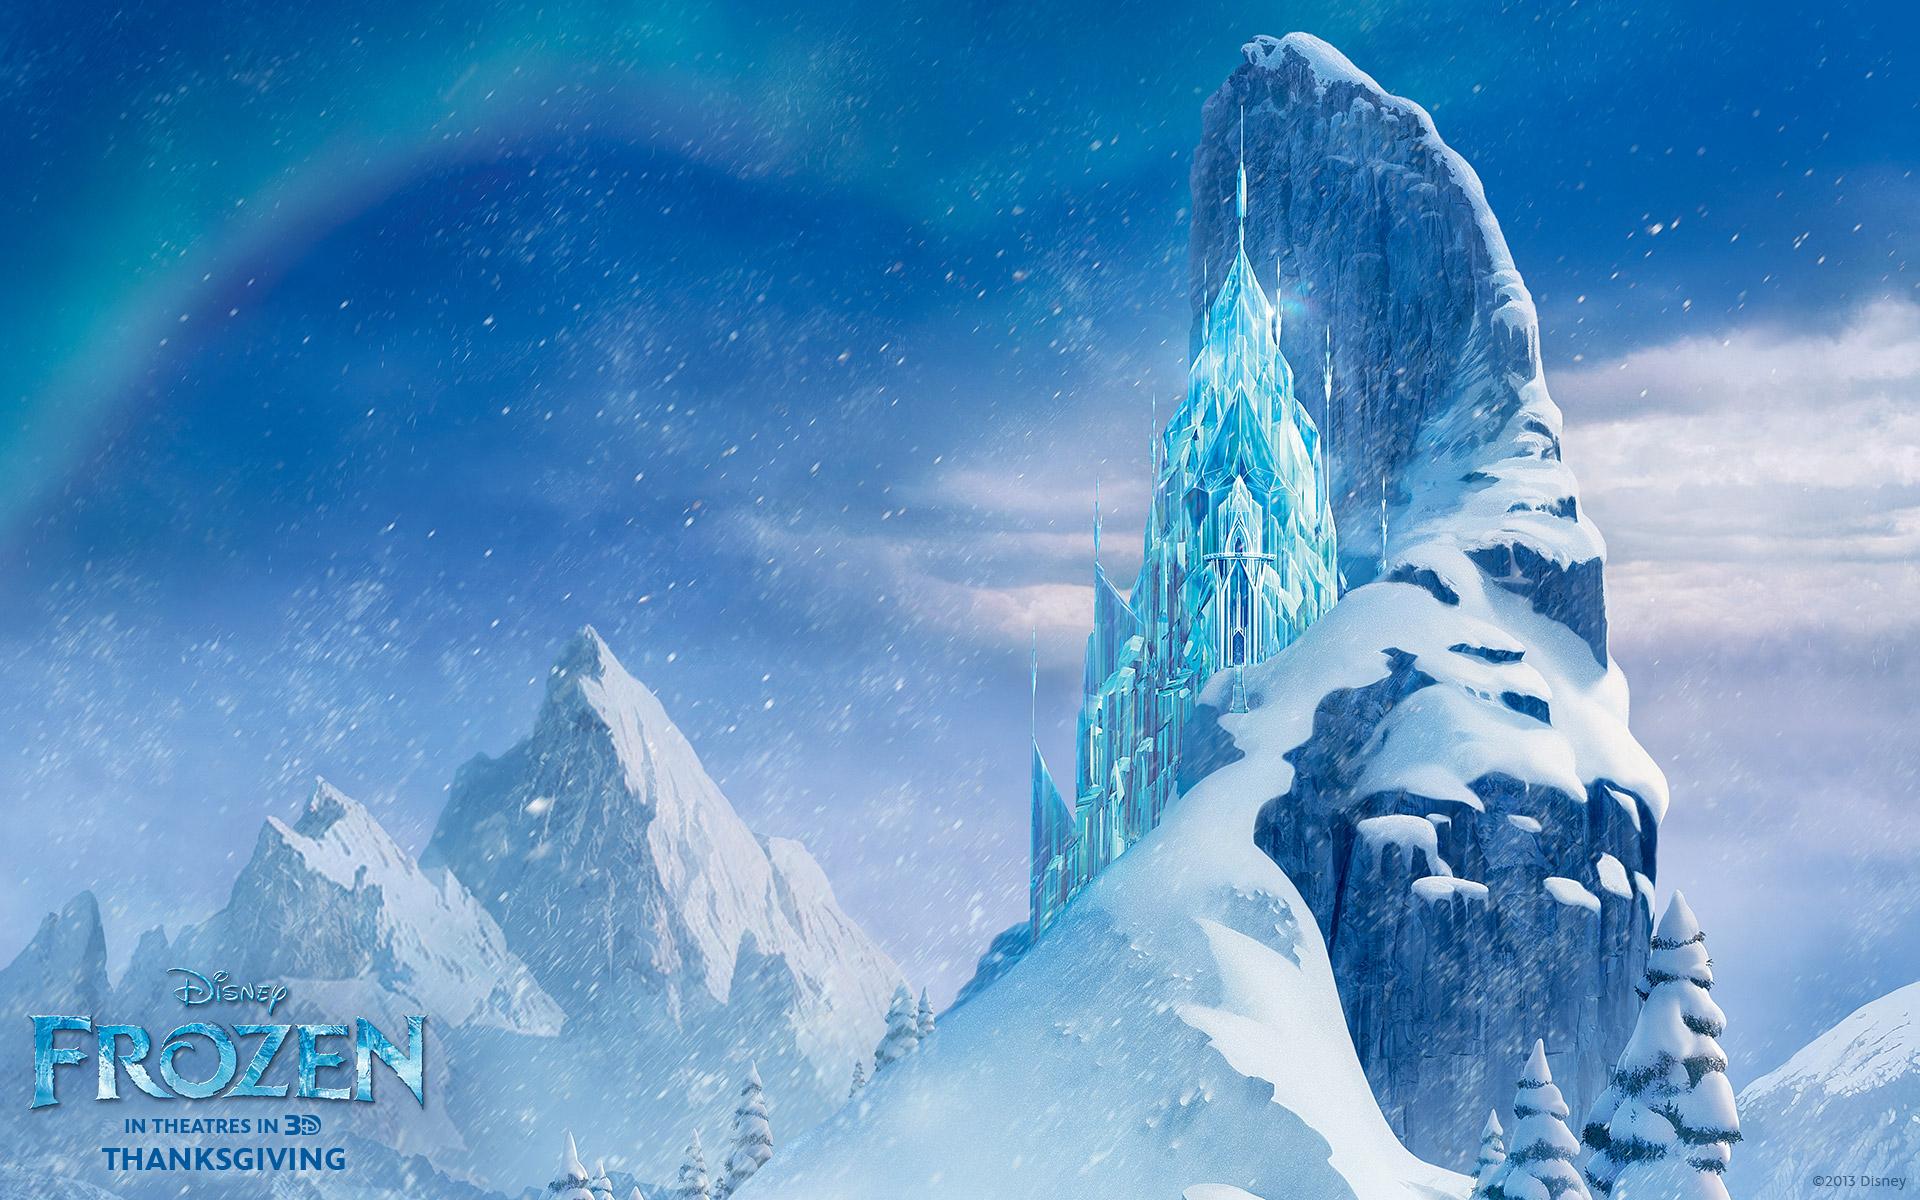 Frozen Wallpapers Desktop